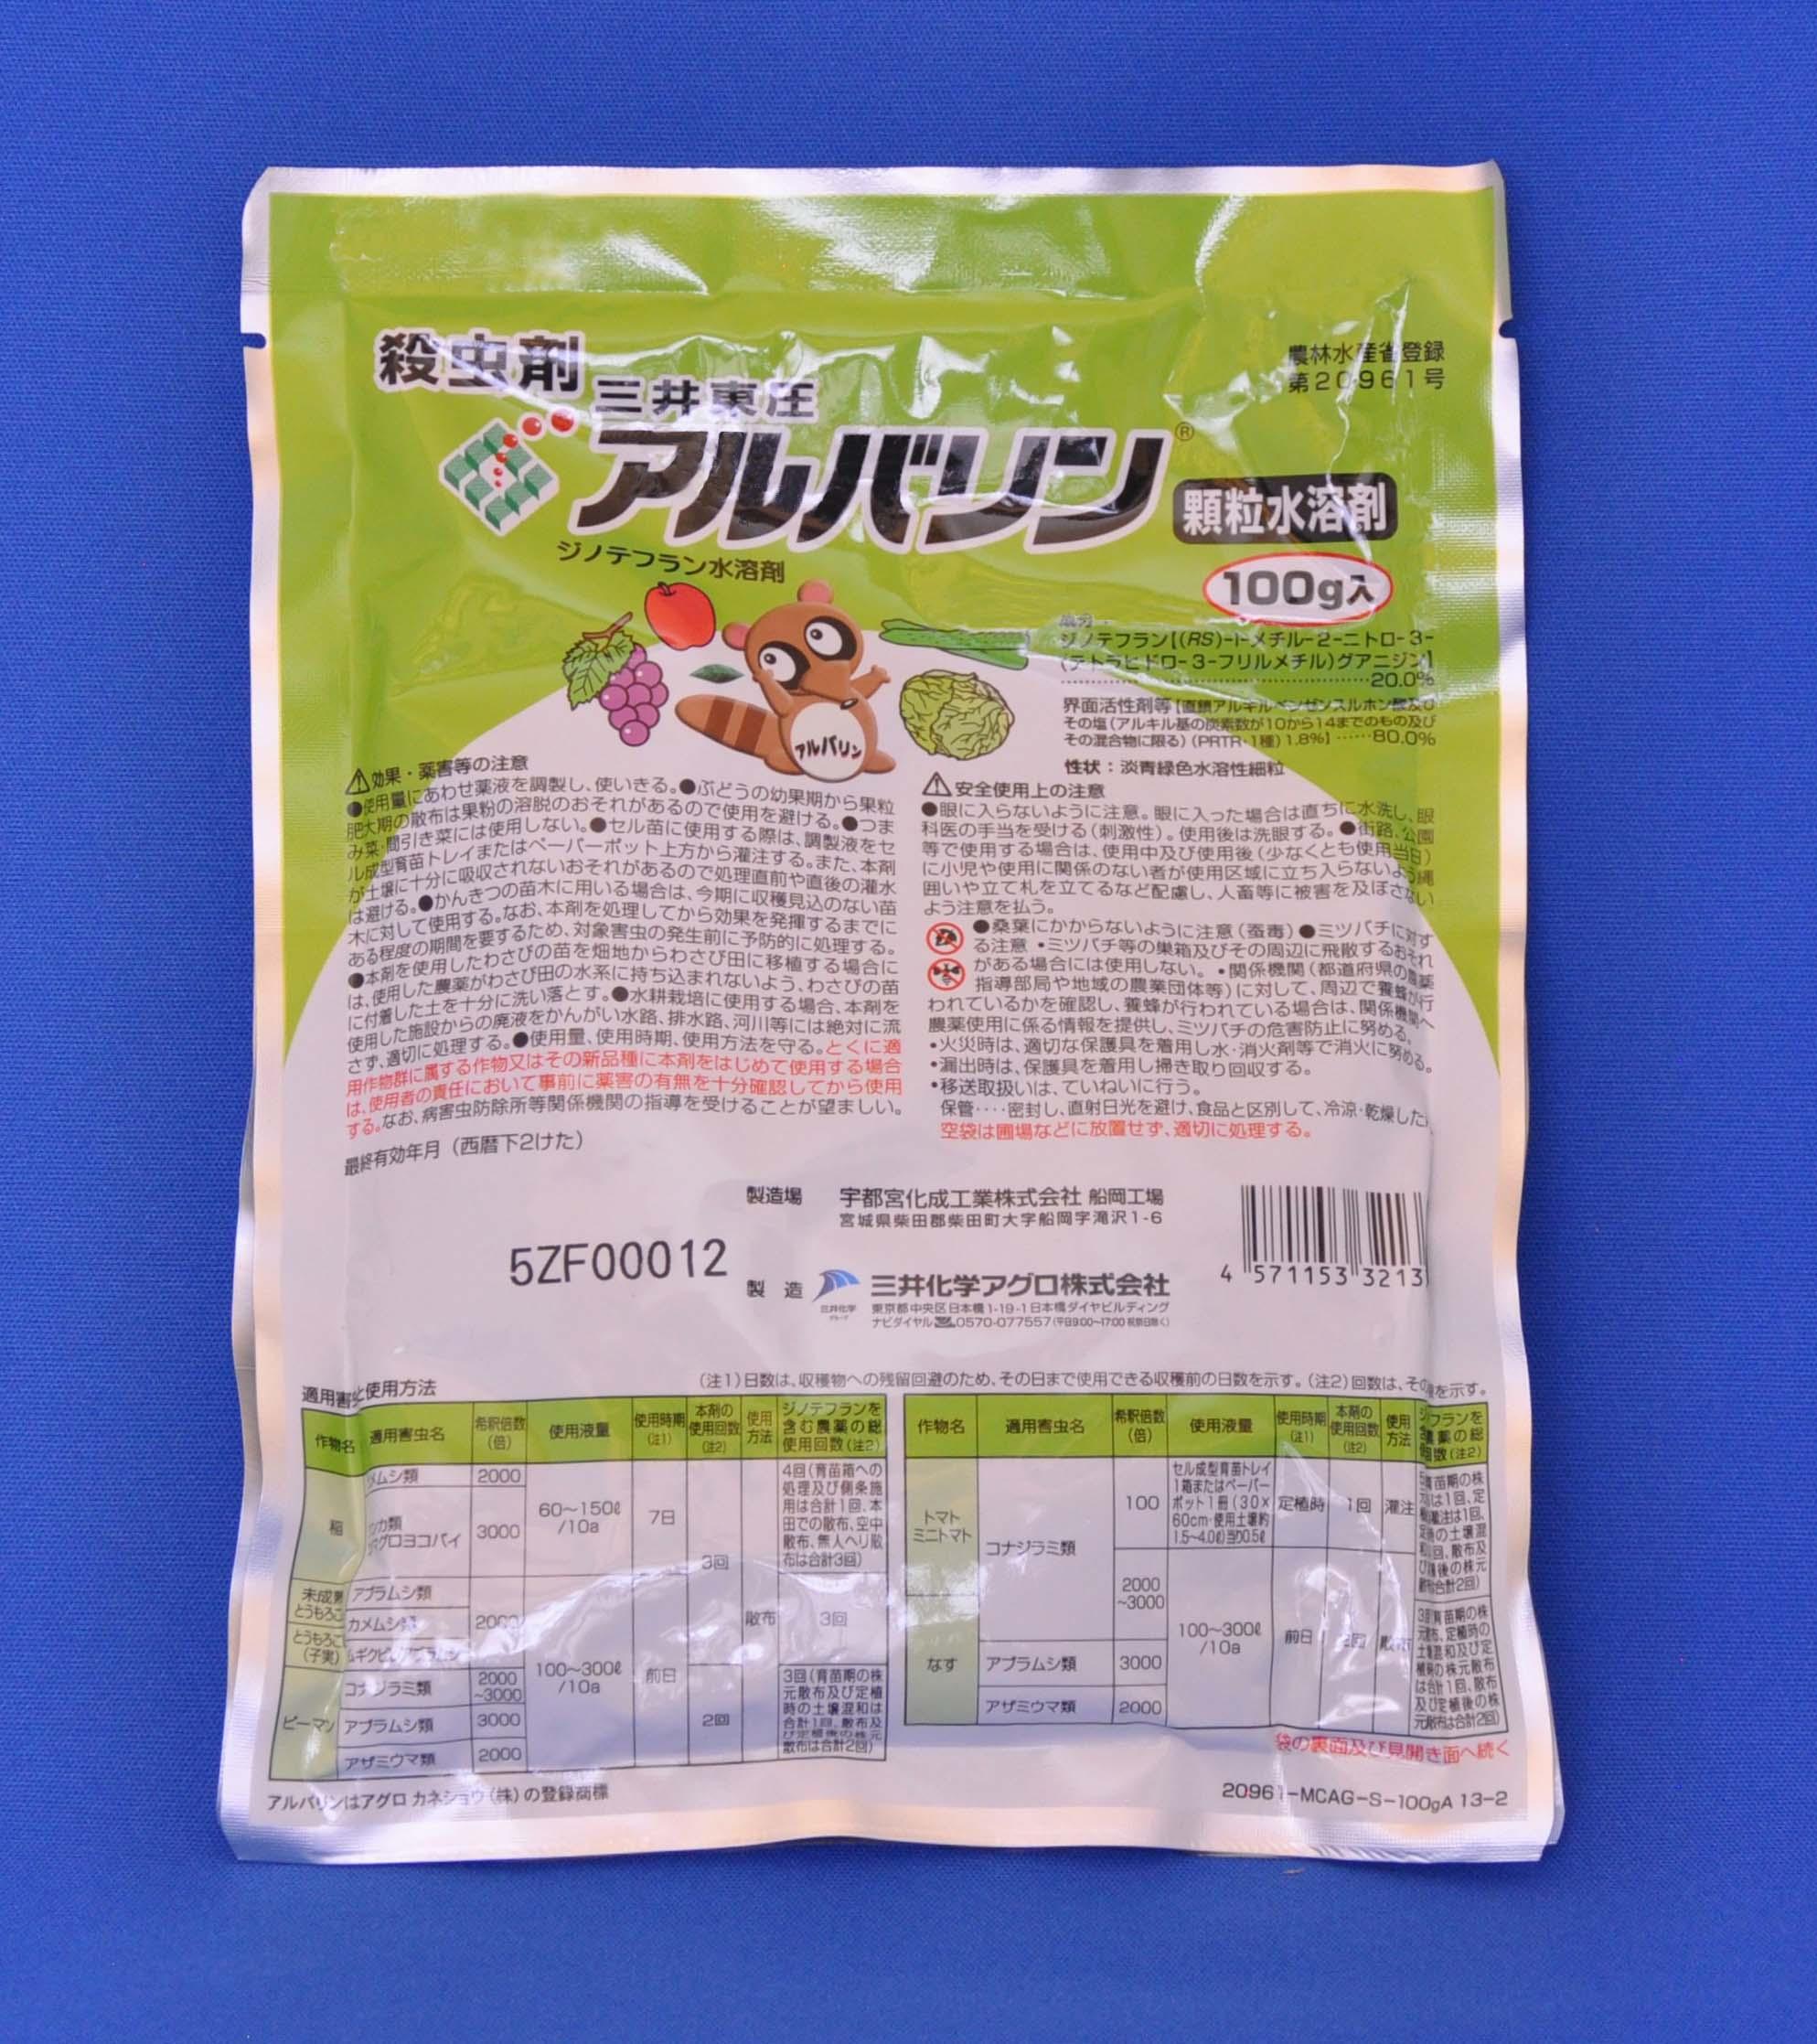 浸透移行性殺虫剤「アルバリン顆粒水溶剤 100g」